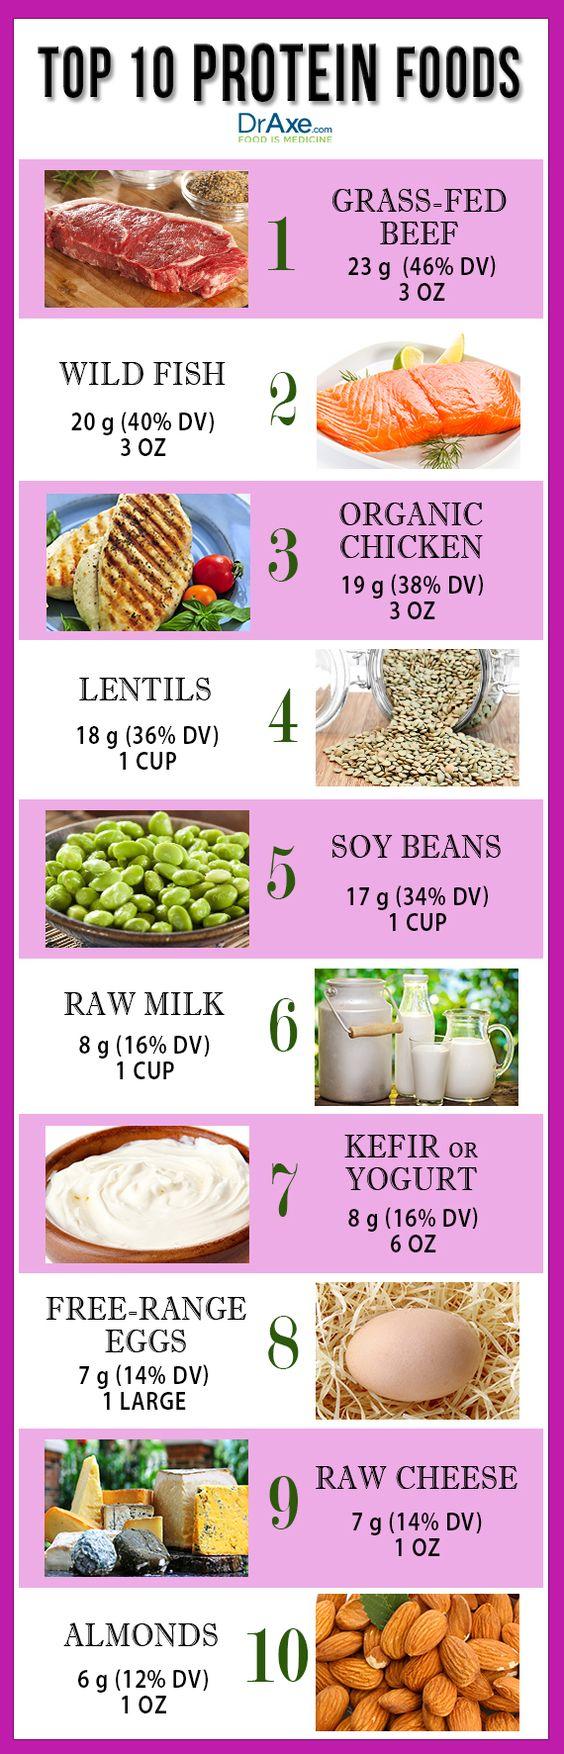 top 10 protein foods